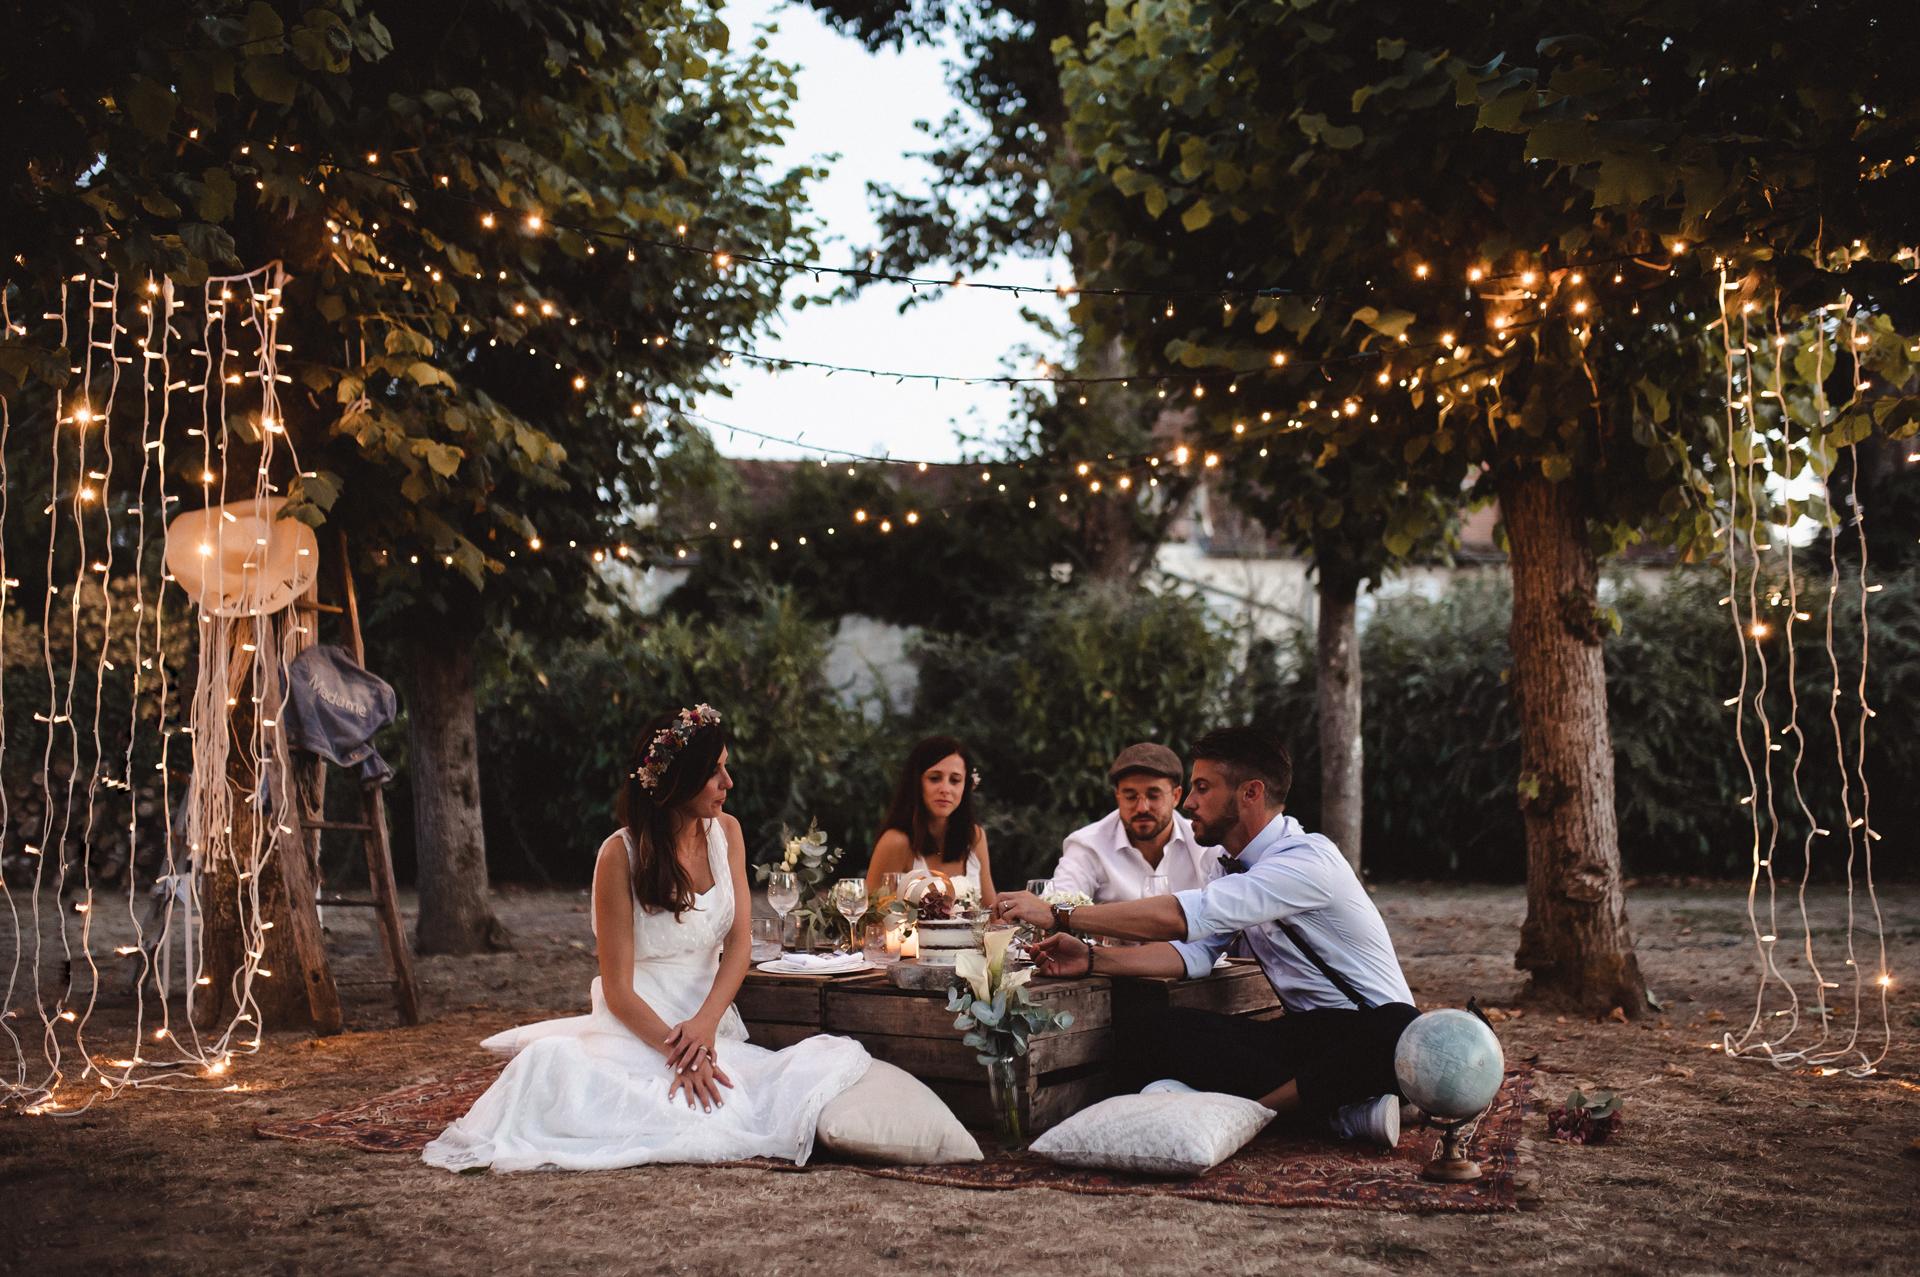 法国新娘和新郎结婚照| 新娘和新郎坐着童话般的灯光,头顶上野餐